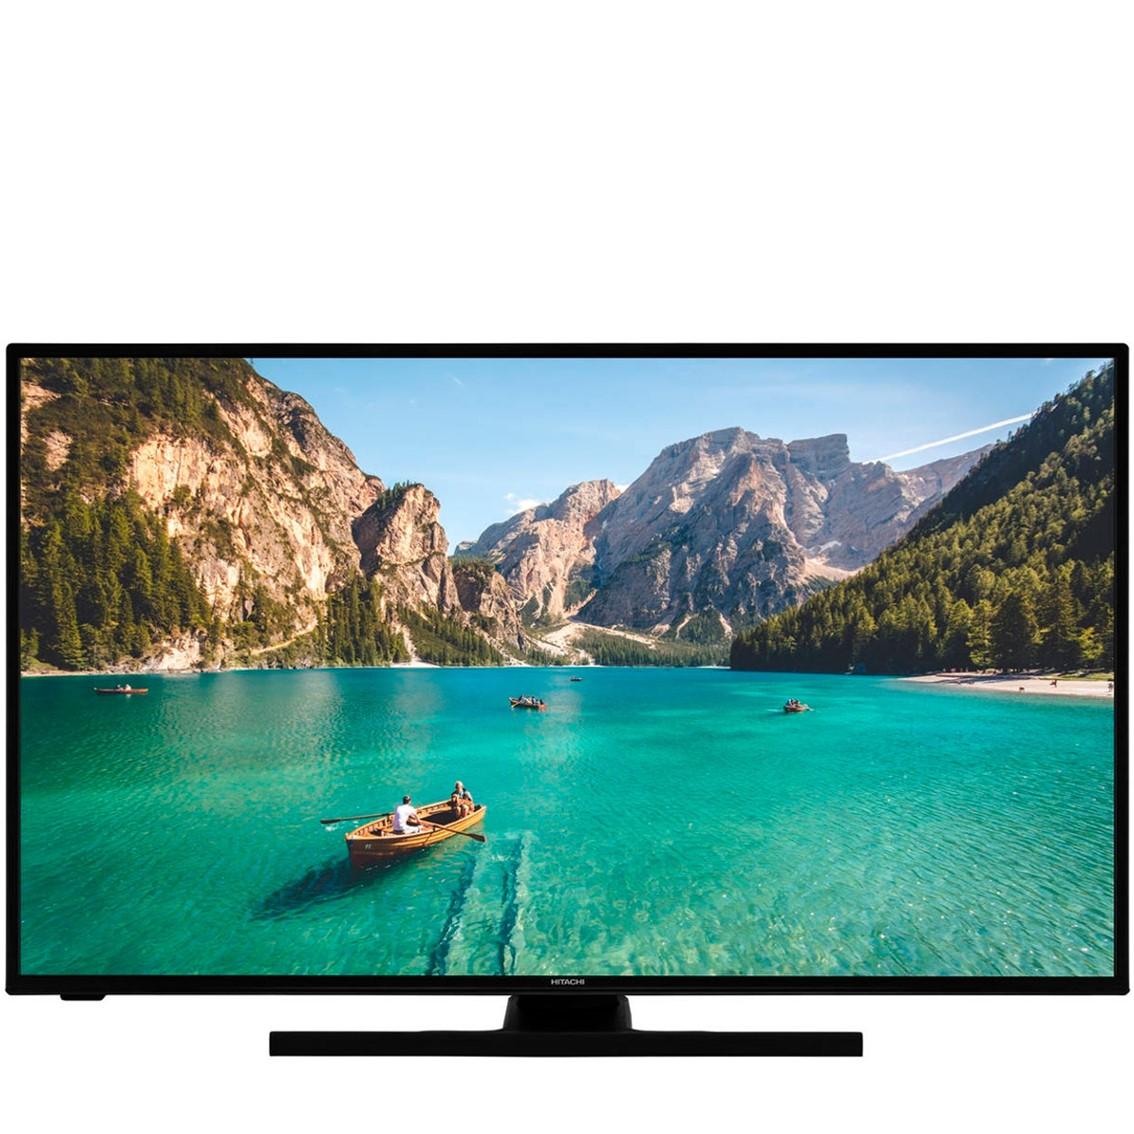 """TV HITACHI 32"""" LED HD/ 32HE2200/ SMART TV/ HDR/ HLG/ / 2 HDMI/ 1 USB/ MODO HOTEL/ 400BPI/ TDT2/ SATELITE"""